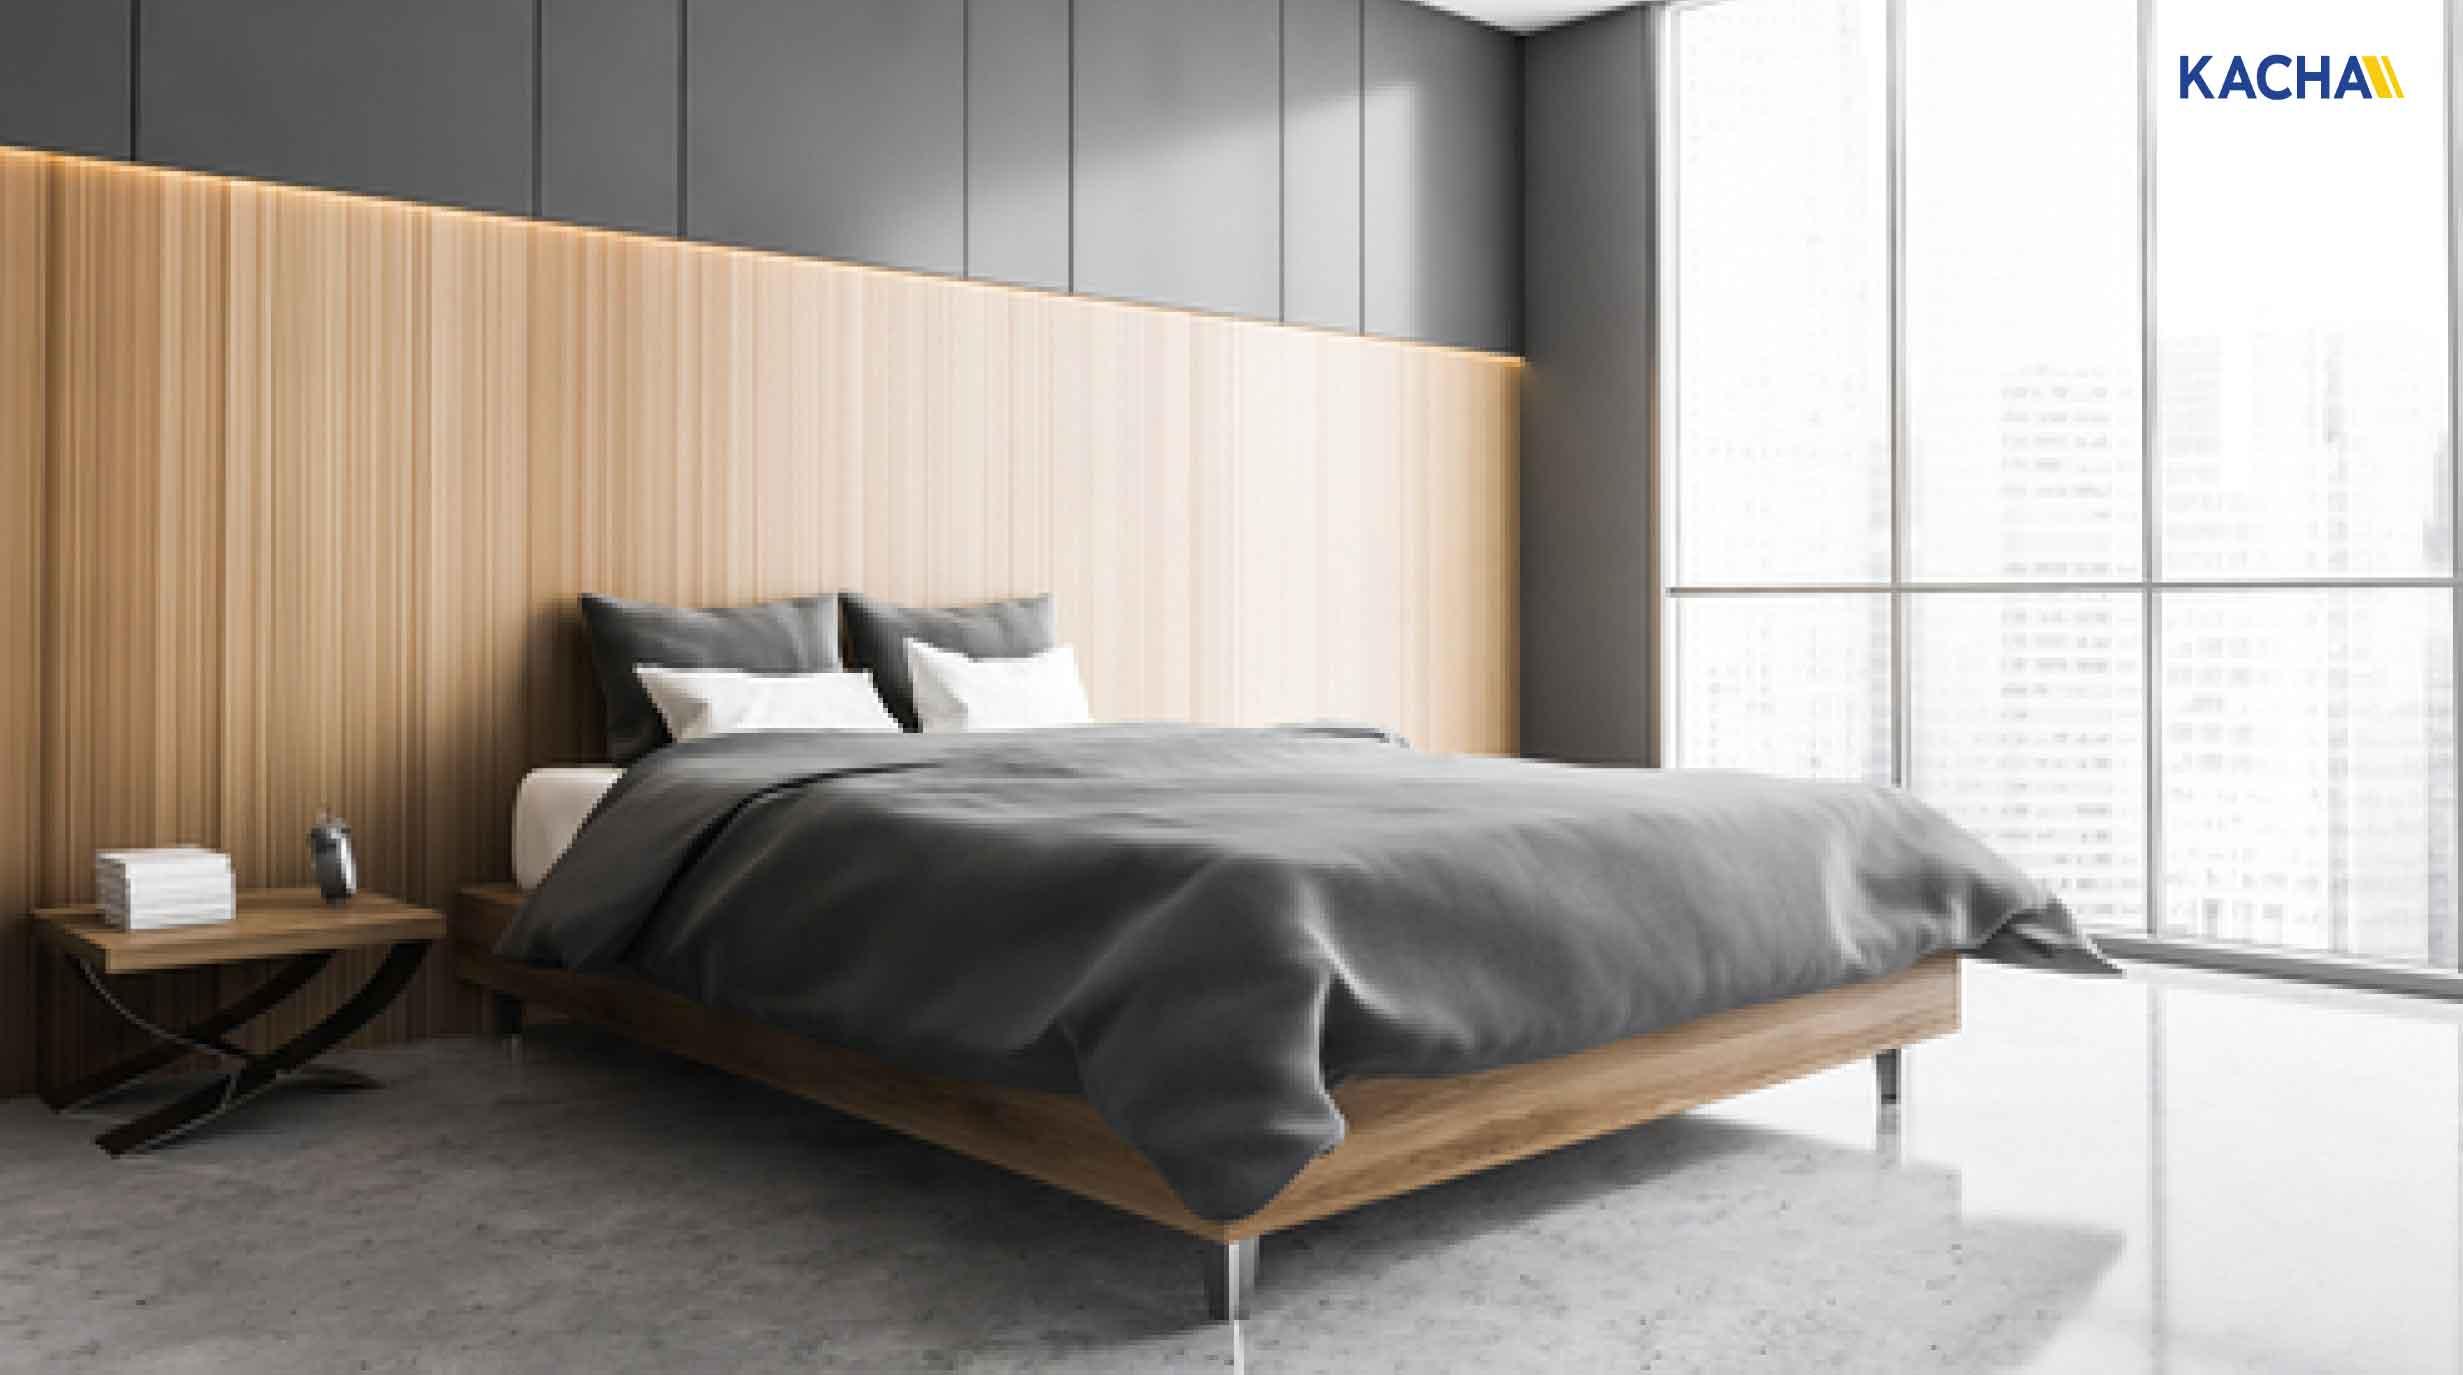 210920-Content-วัสดุปูพื้นห้องนอนเลือกแบบไหนดี08